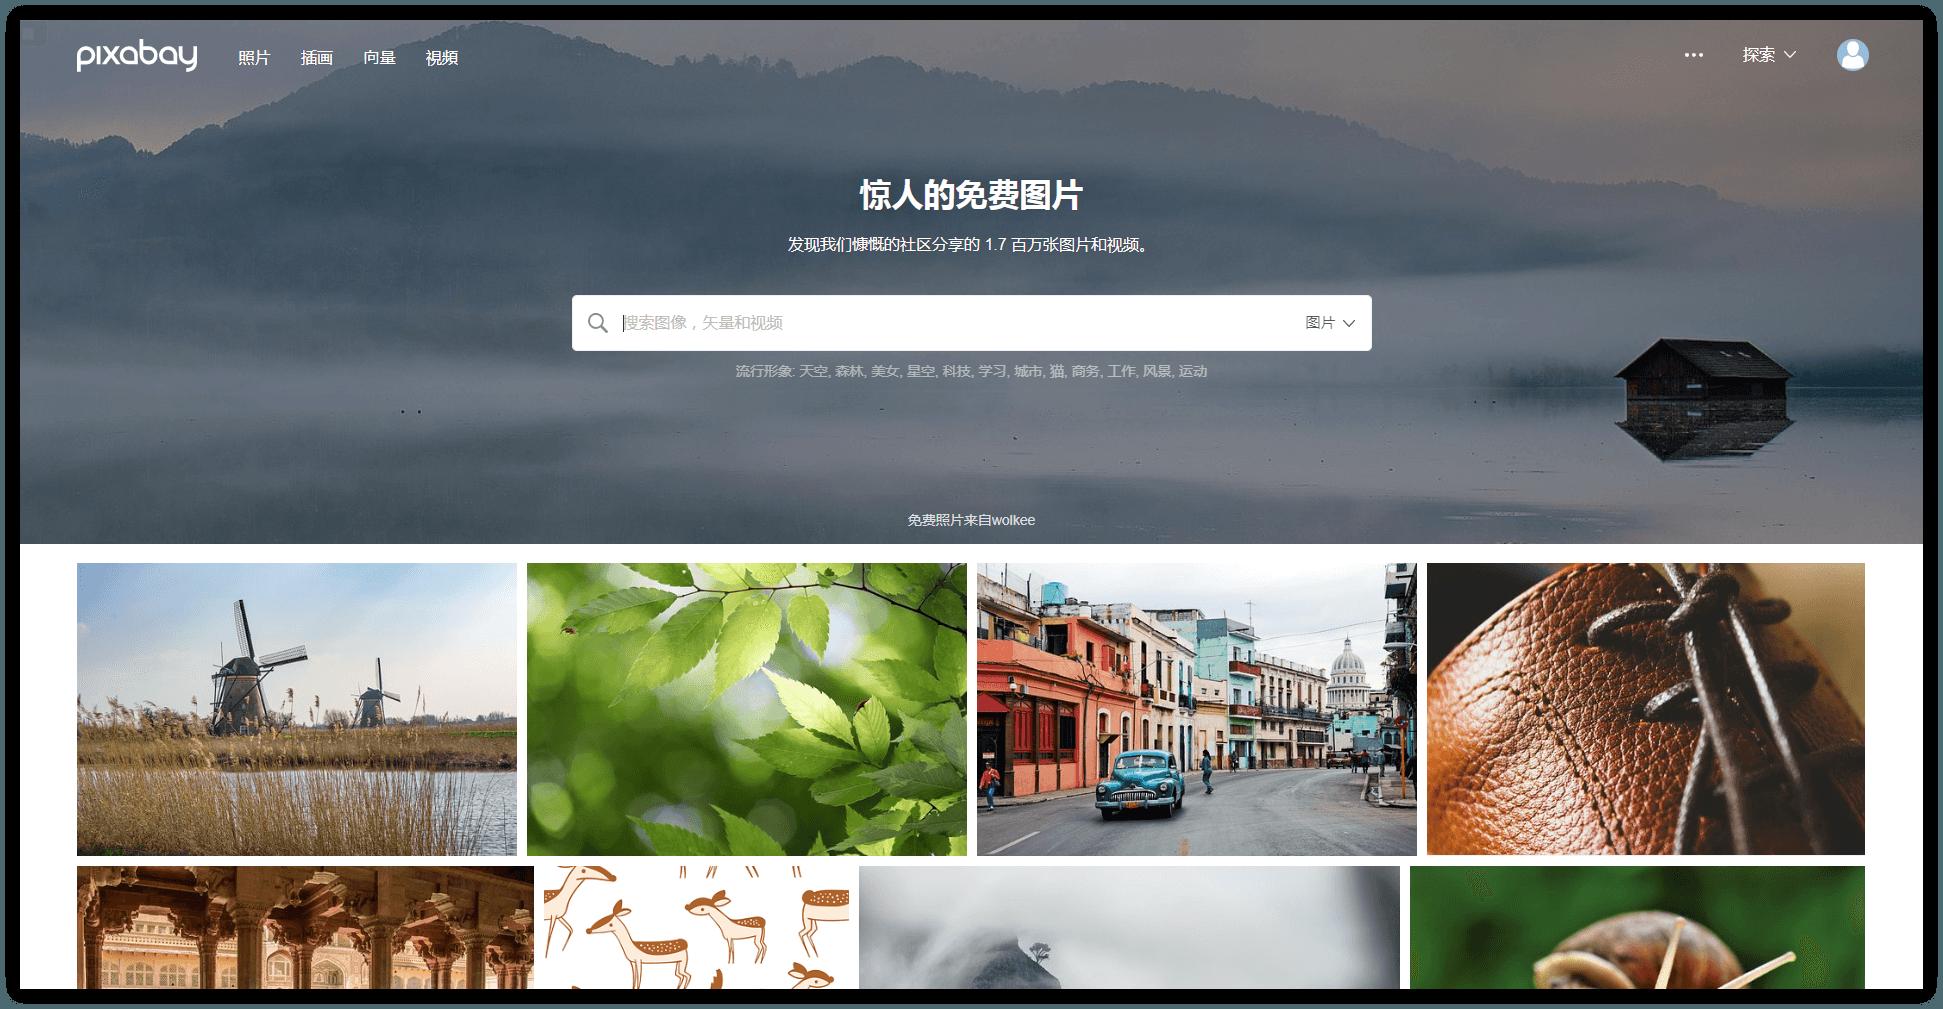 599-pixabay.png